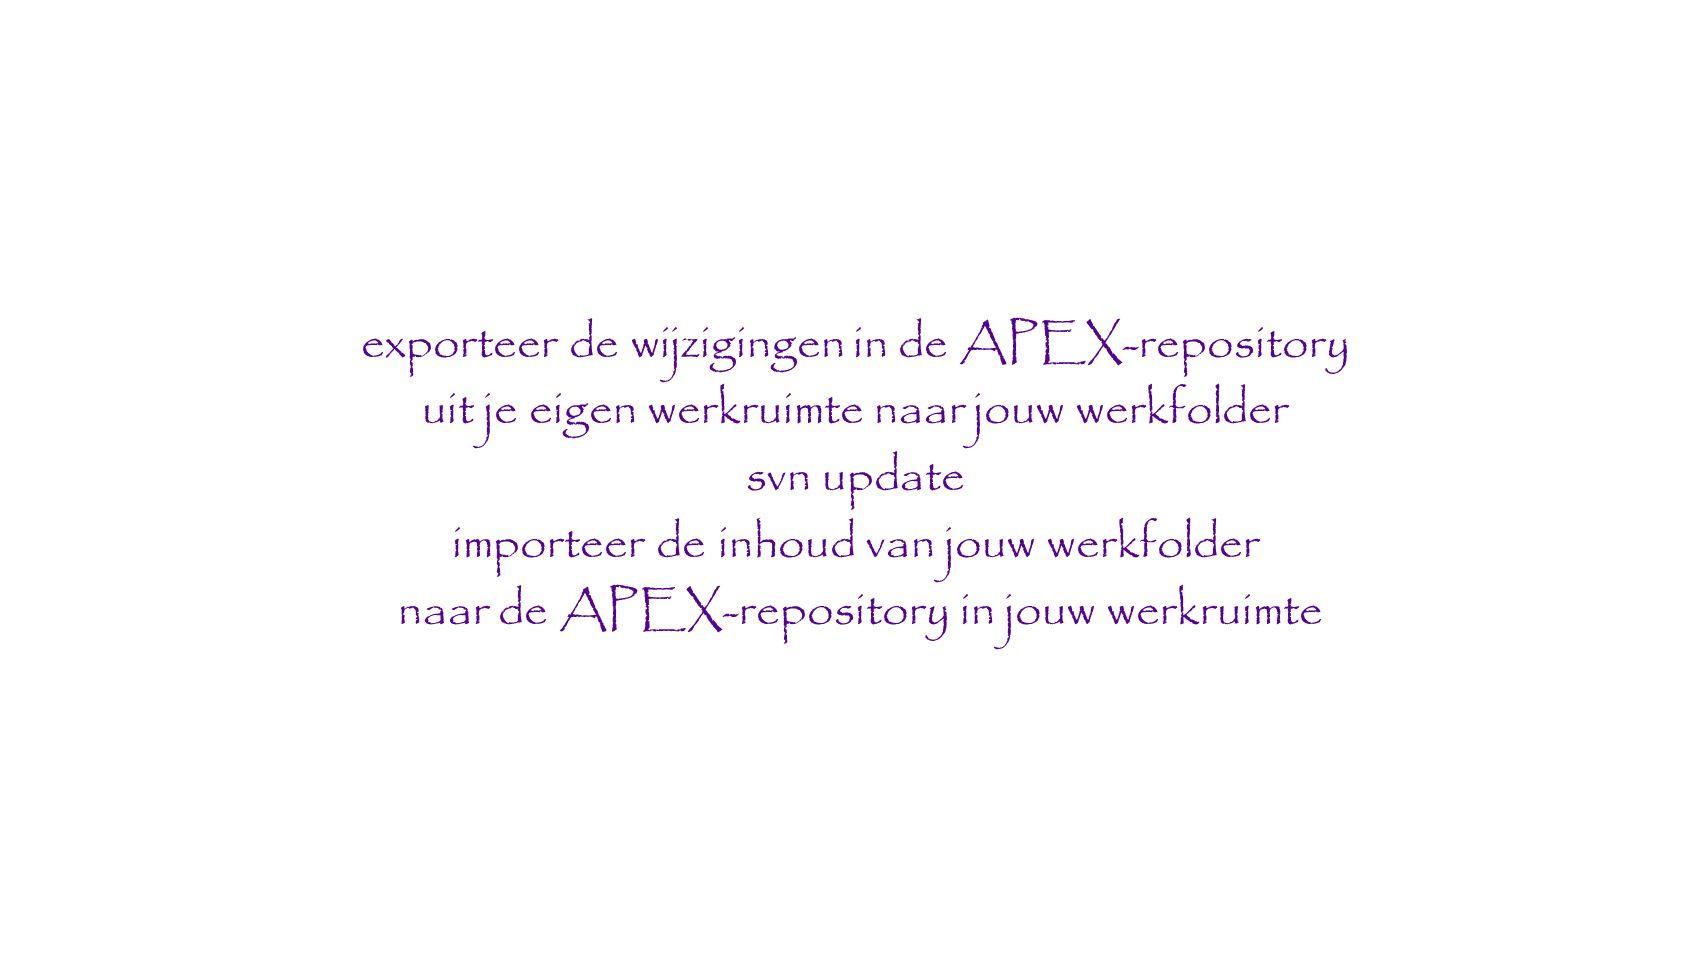 exporteer de wijzigingen in de APEX-repository uit je eigen werkruimte naar jouw werkfolder svn update importeer de inhoud van jouw werkfolder naar de APEX-repository in jouw werkruimte